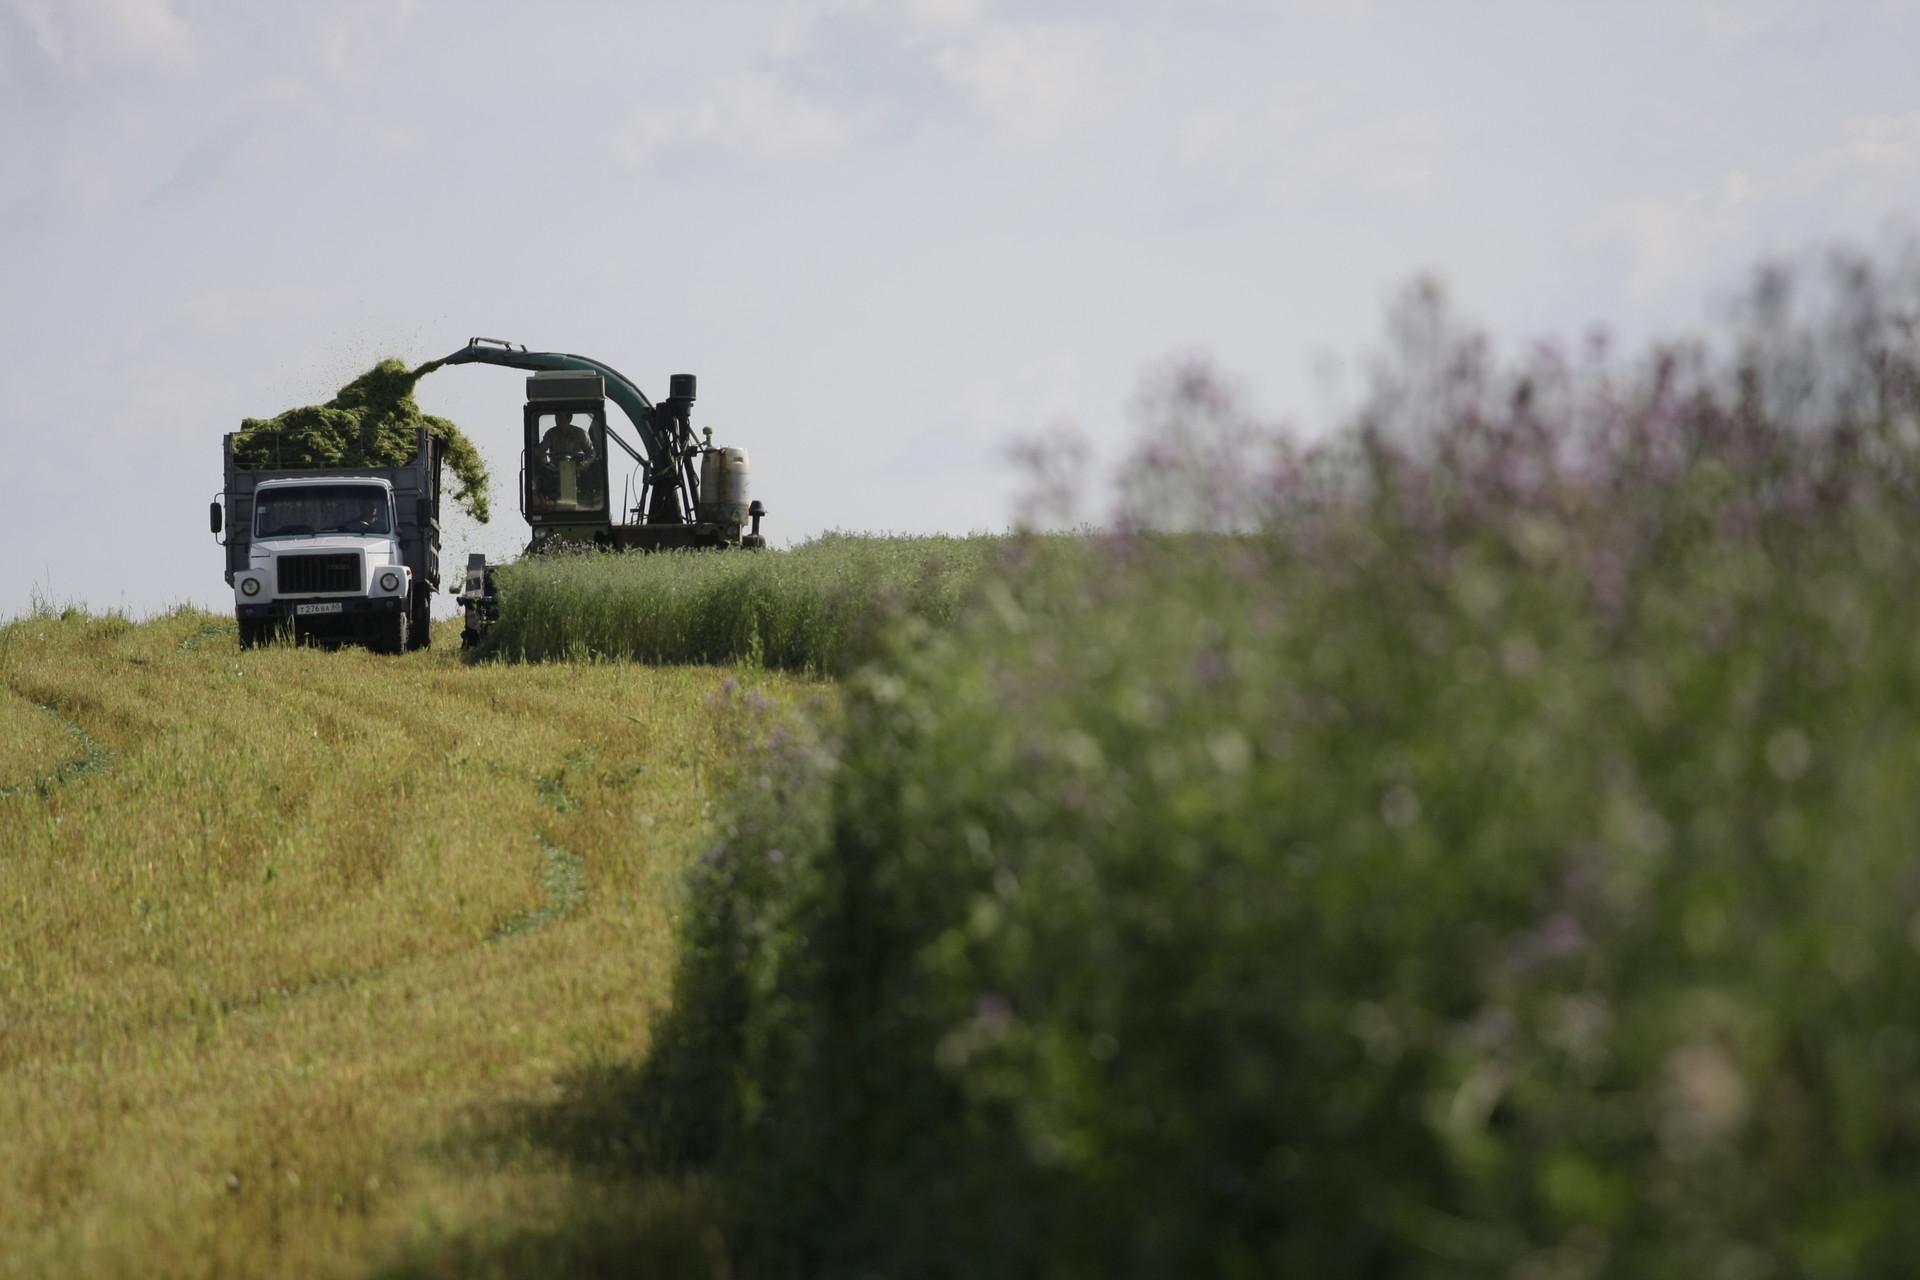 На урожай прогнозы хорошие. Фото Андрея Степанова.